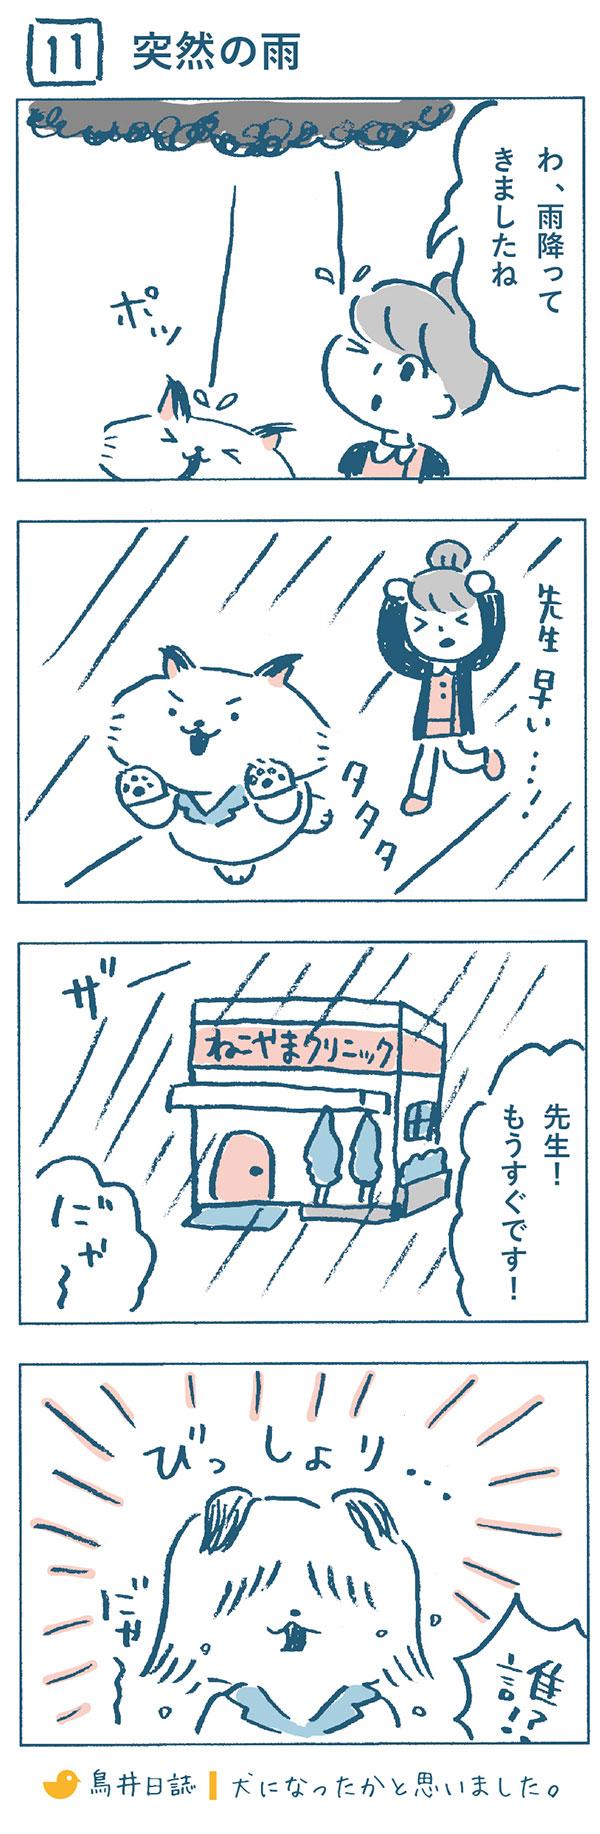 タイトル:突然の雨。ねこやま先生と奈央子が食事を終えて帰っていると、雨がポツリと降り始めました。2人はあわててクリニックに走って戻りました。到着してねこやま先生を見ると、びっしょり濡れて、いつもと別人のようでした。犬になったかと思った奈央子なのでした。